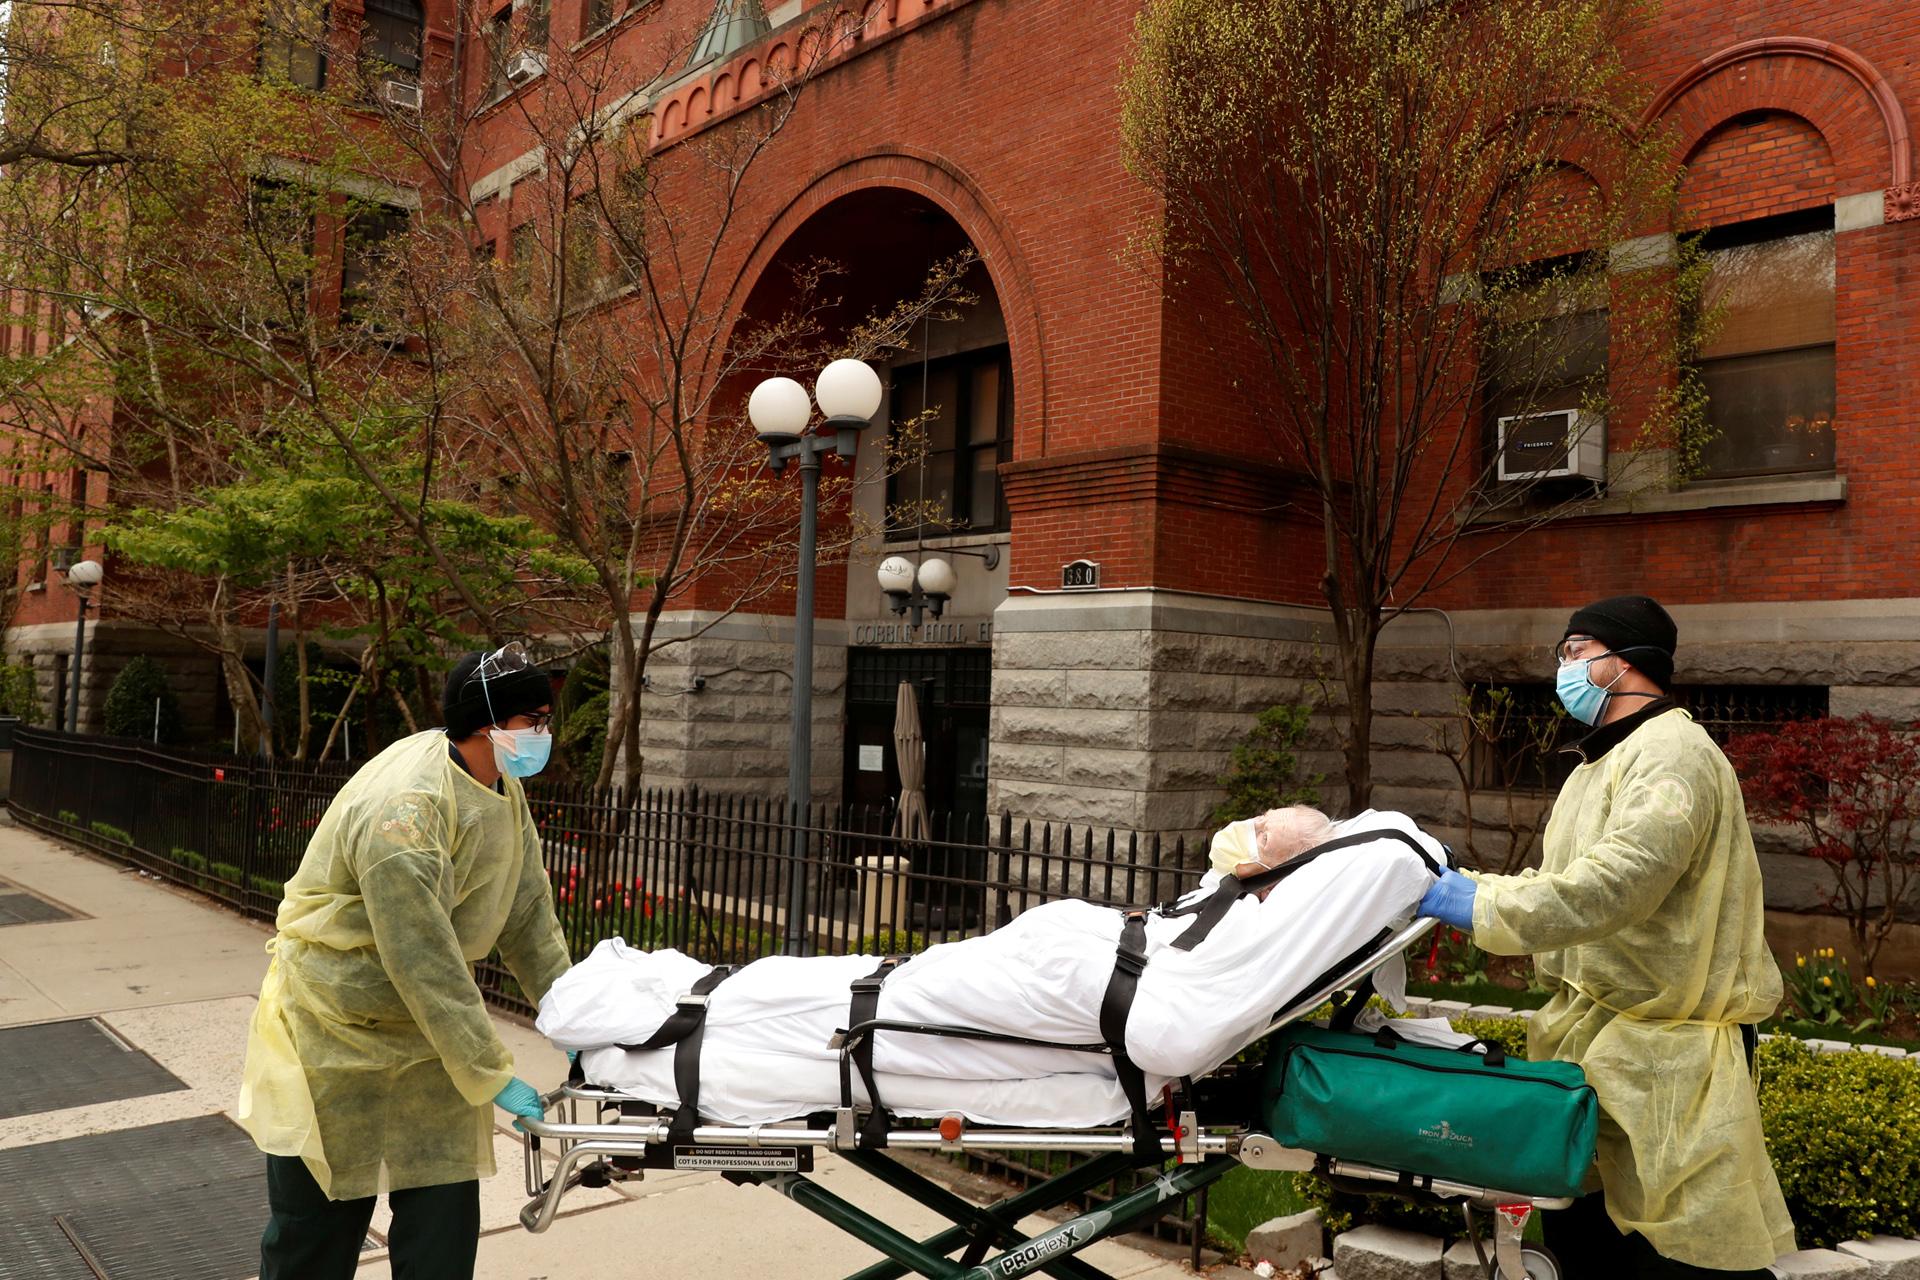 Νέα Υόρκη – Κορονοϊός: Ενδέχεται να έγινε υποκαταμέτρηση ως και 50% των νεκρών στα  γηροκομεία